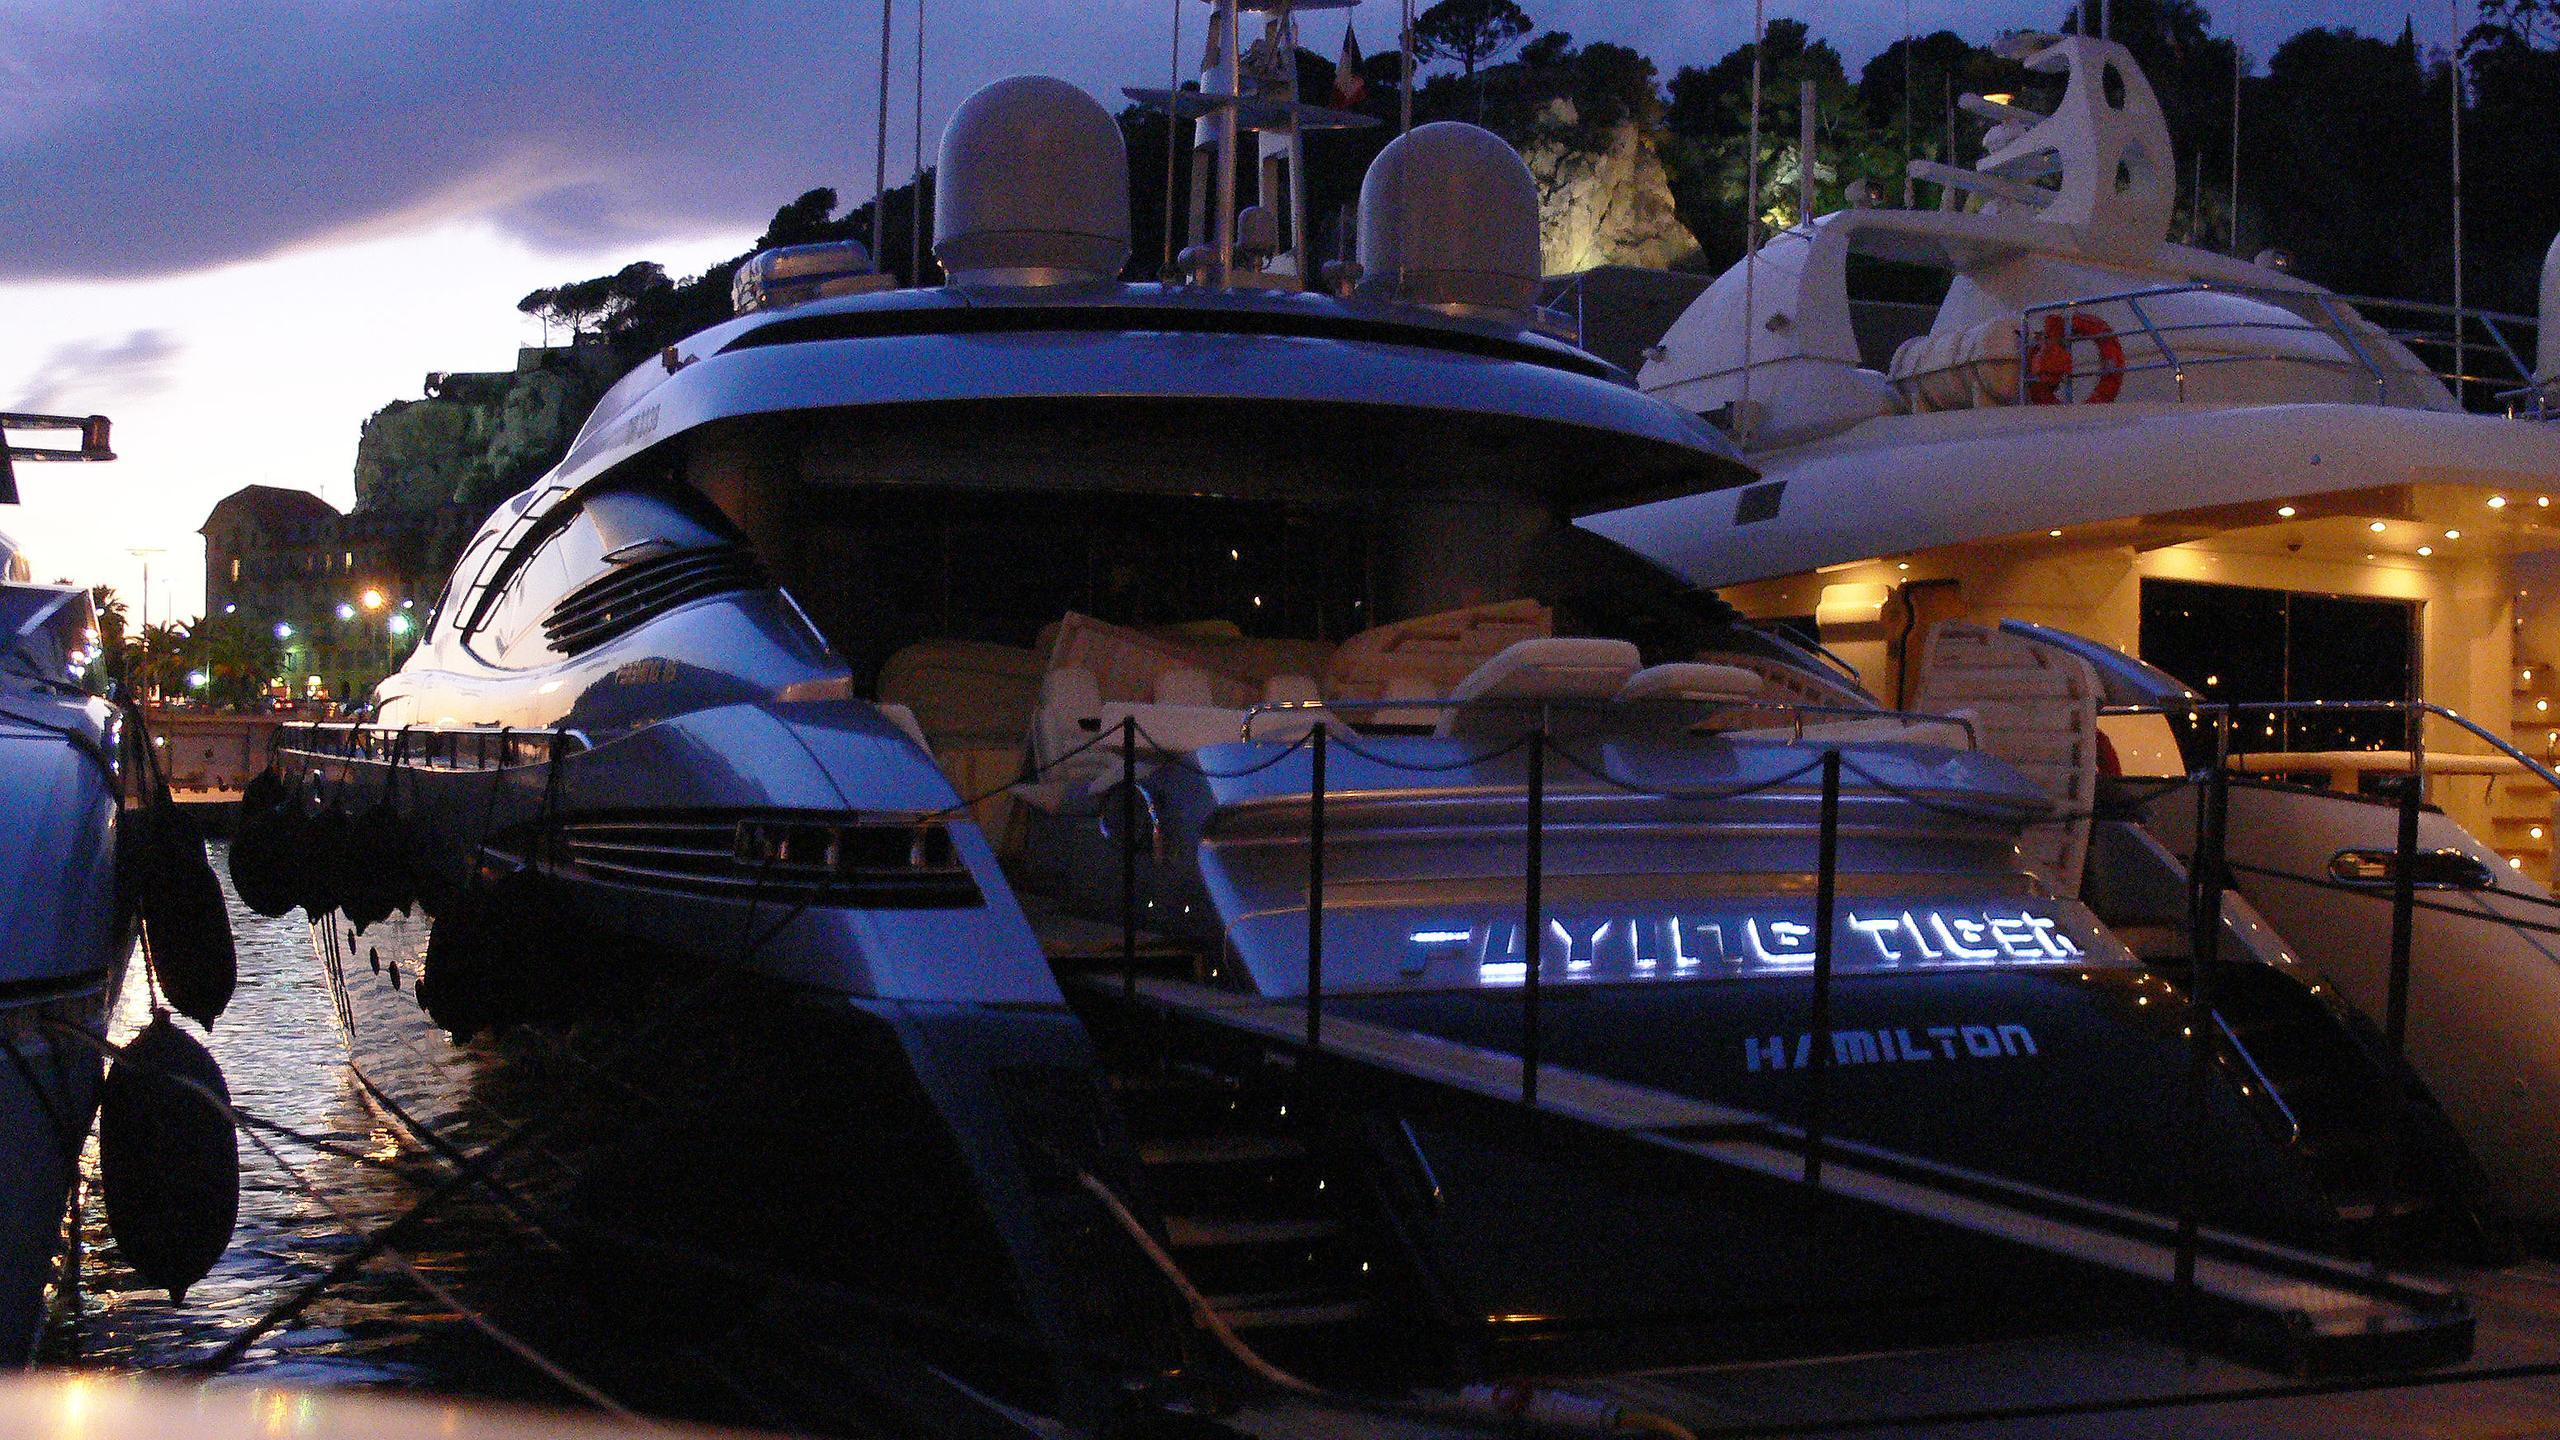 ginger-motor-yacht-pershing-115-2006-35m-stern